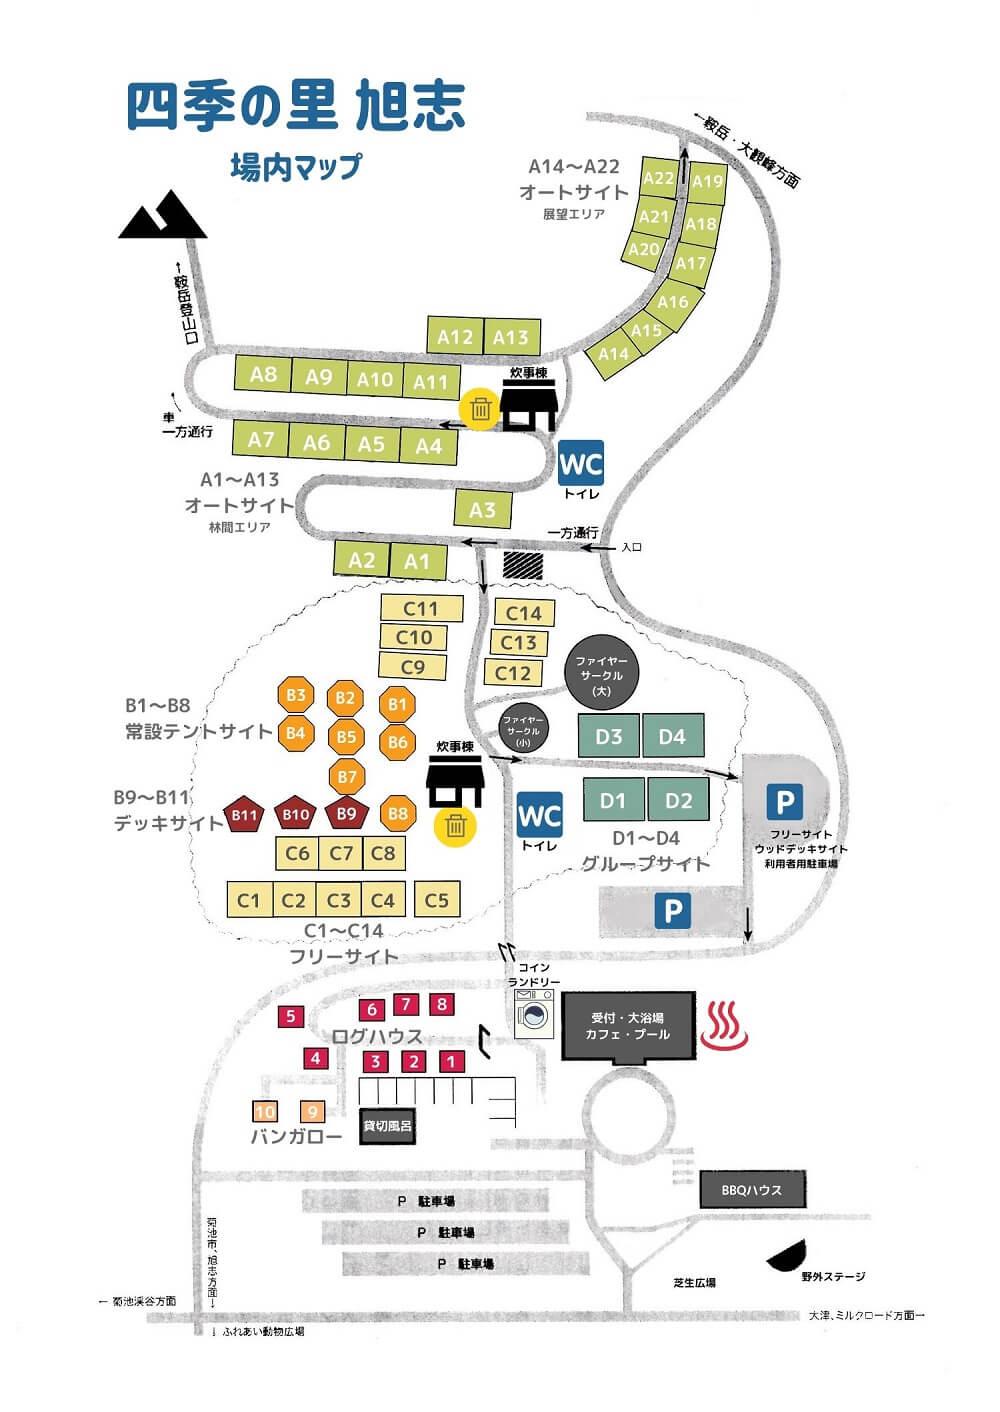 四季の里旭志 場内マップ 詳細バージョン